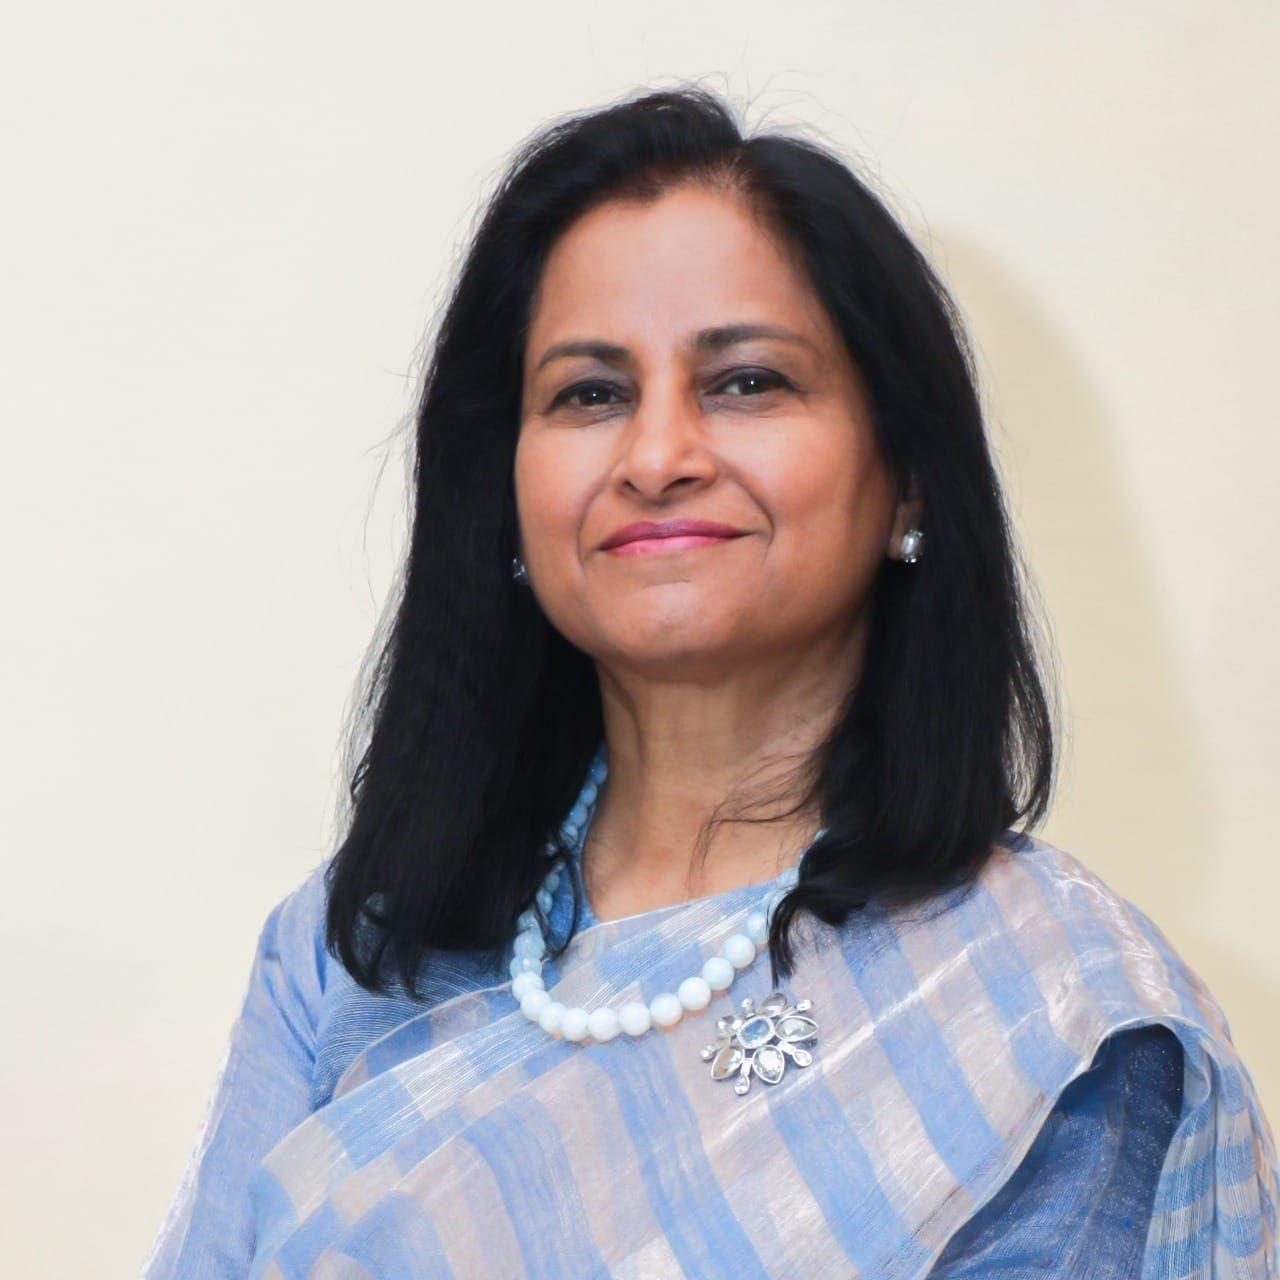 Sunita Gandhi